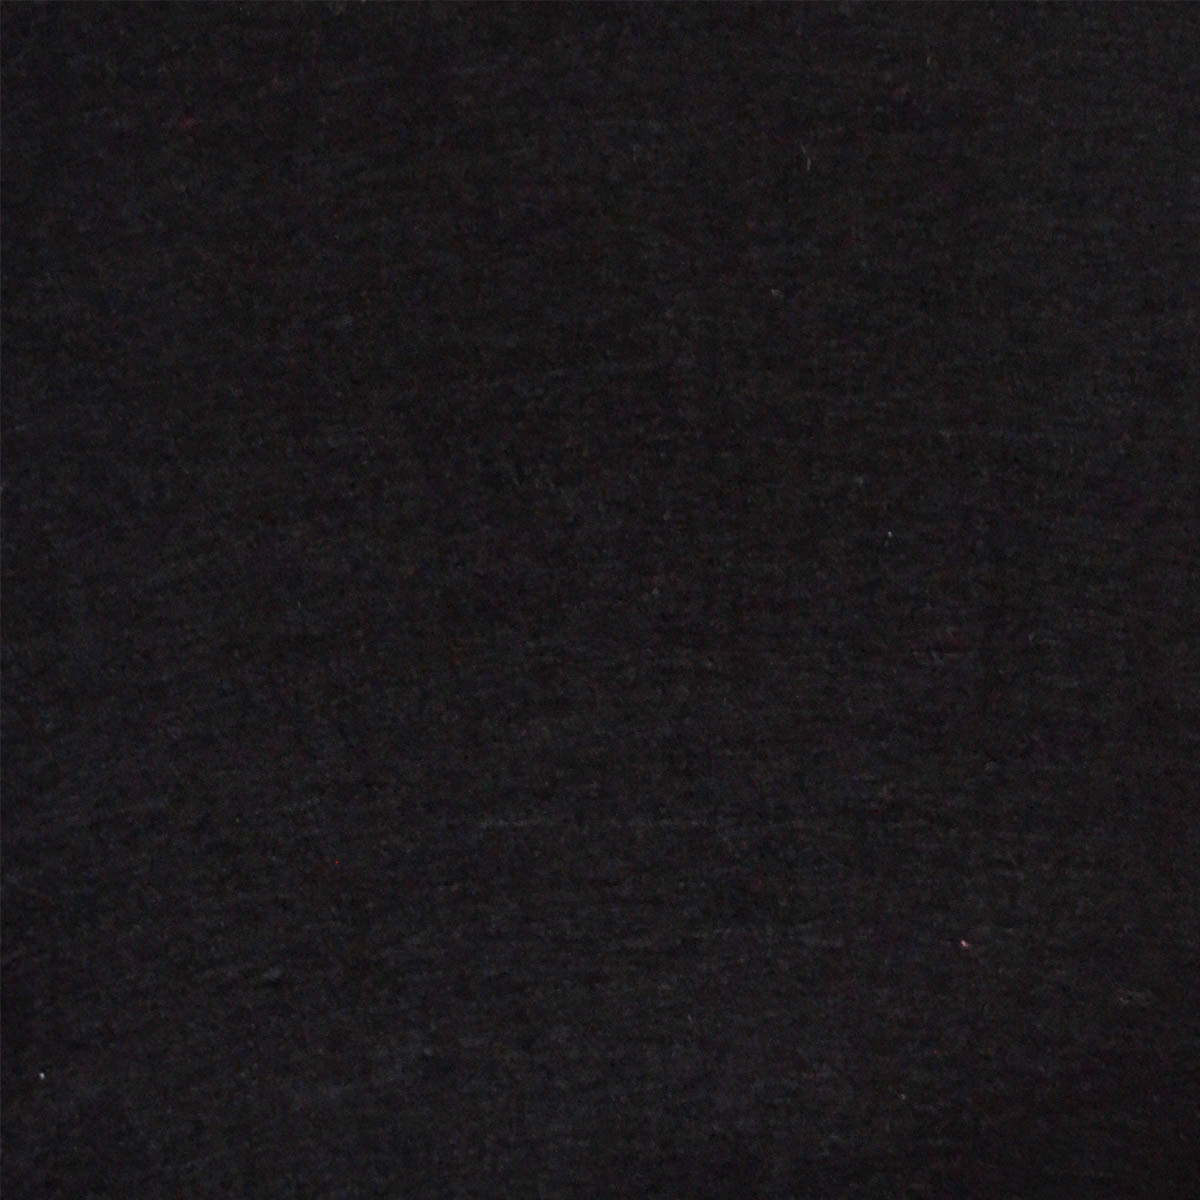 М'який Фетр Santi чорний 21*30 див. 740452